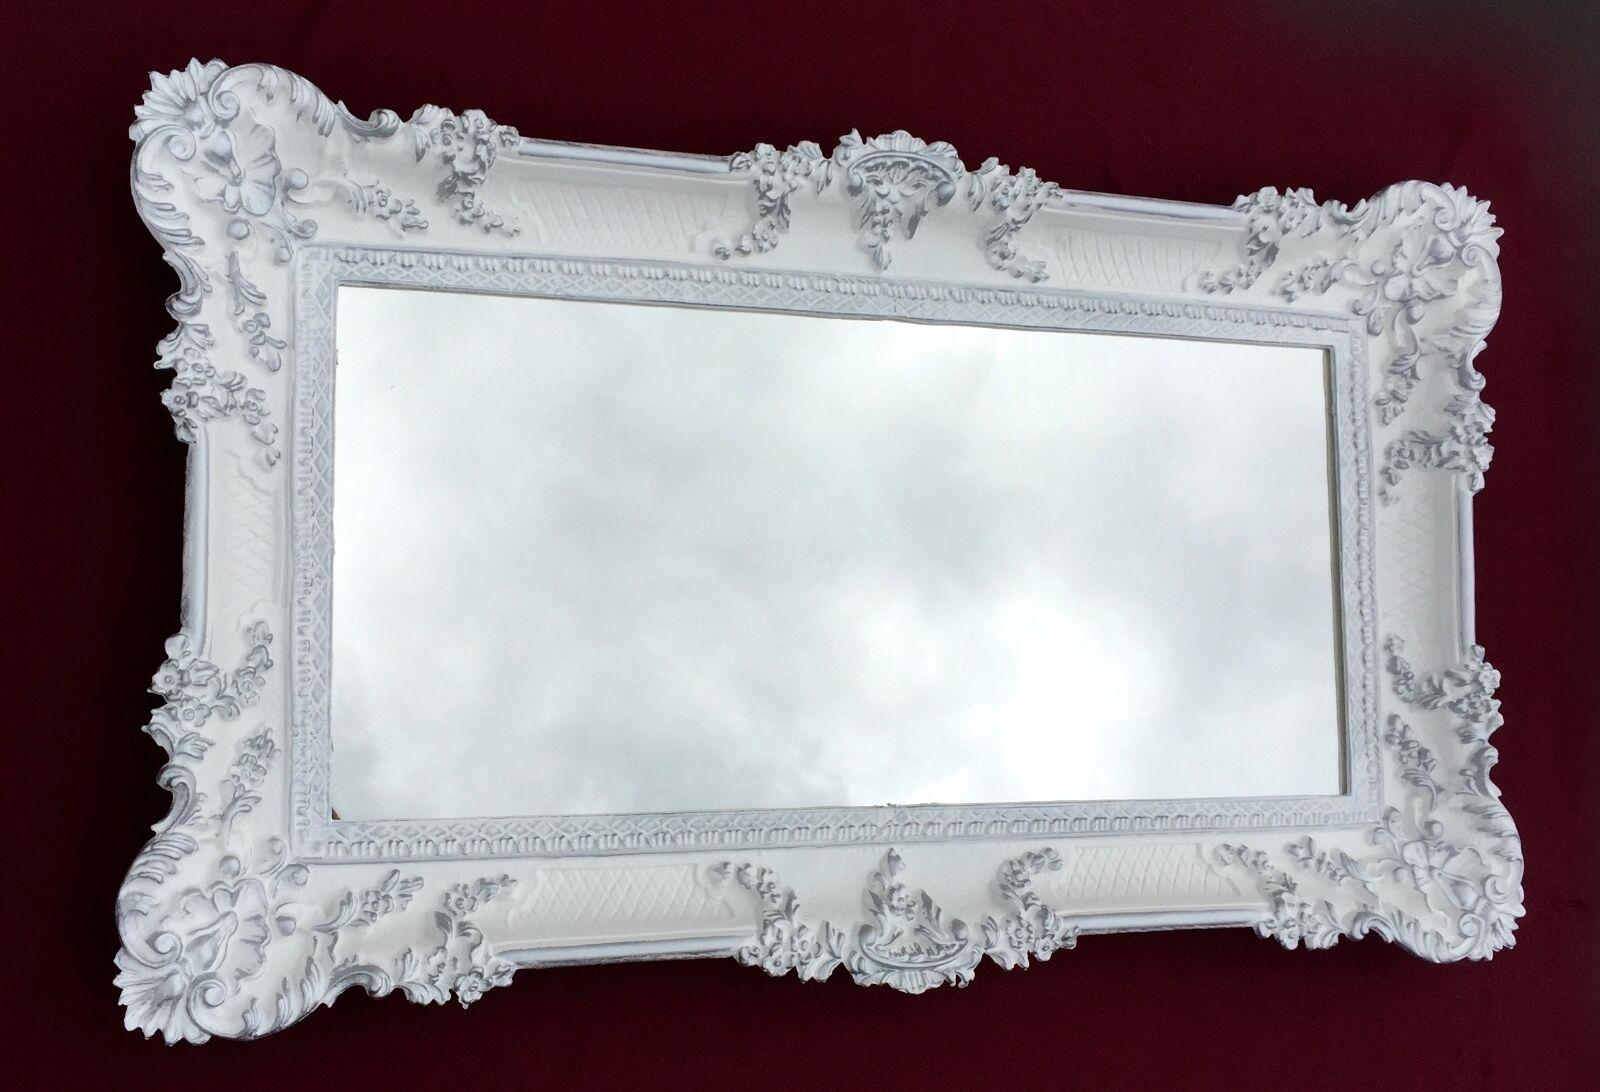 Miroir Mural Antique Baroque Rectangulaire 97x57 étage Blanc-Argent 103074